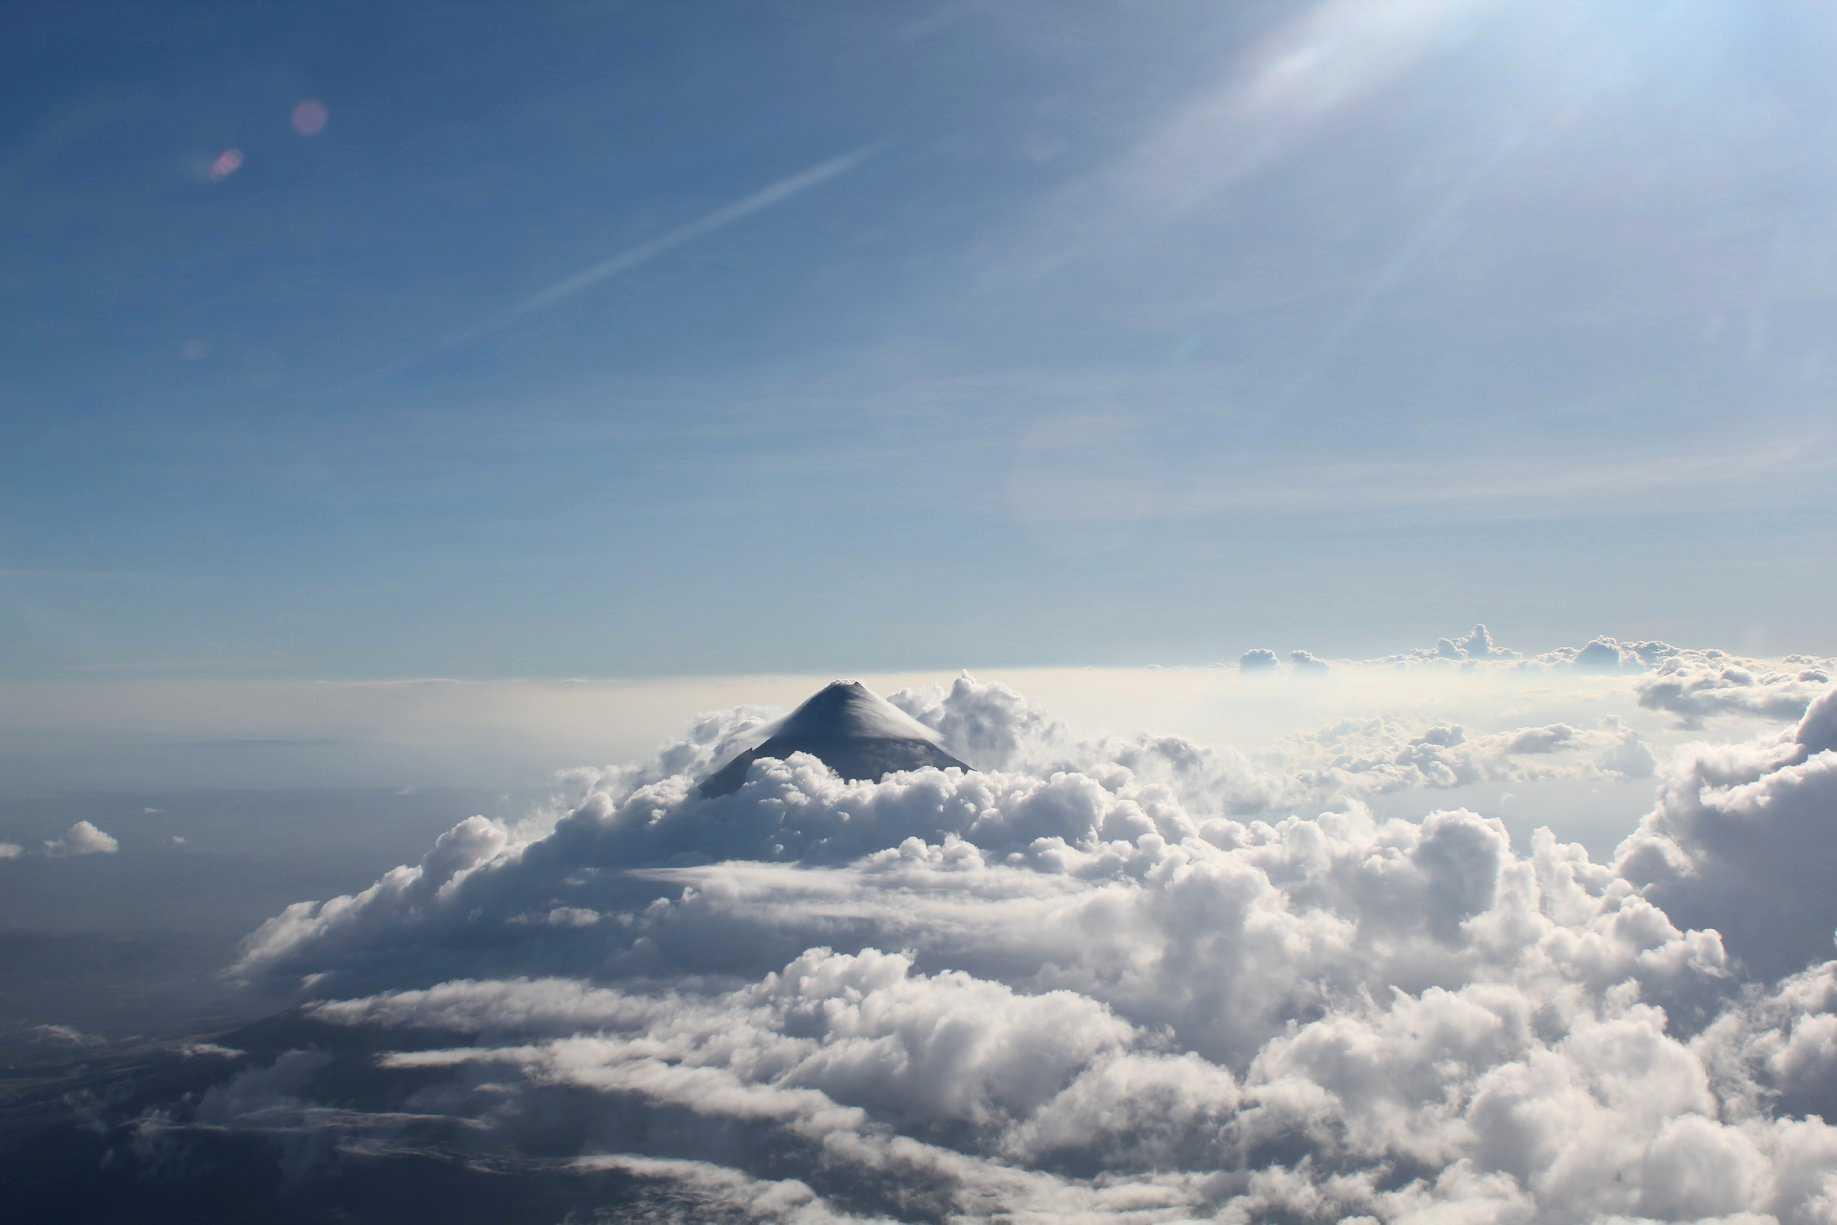 Den som inte vill sola och bada kan besöka vulkaner som denna: Mayon Volcano, Legazpi